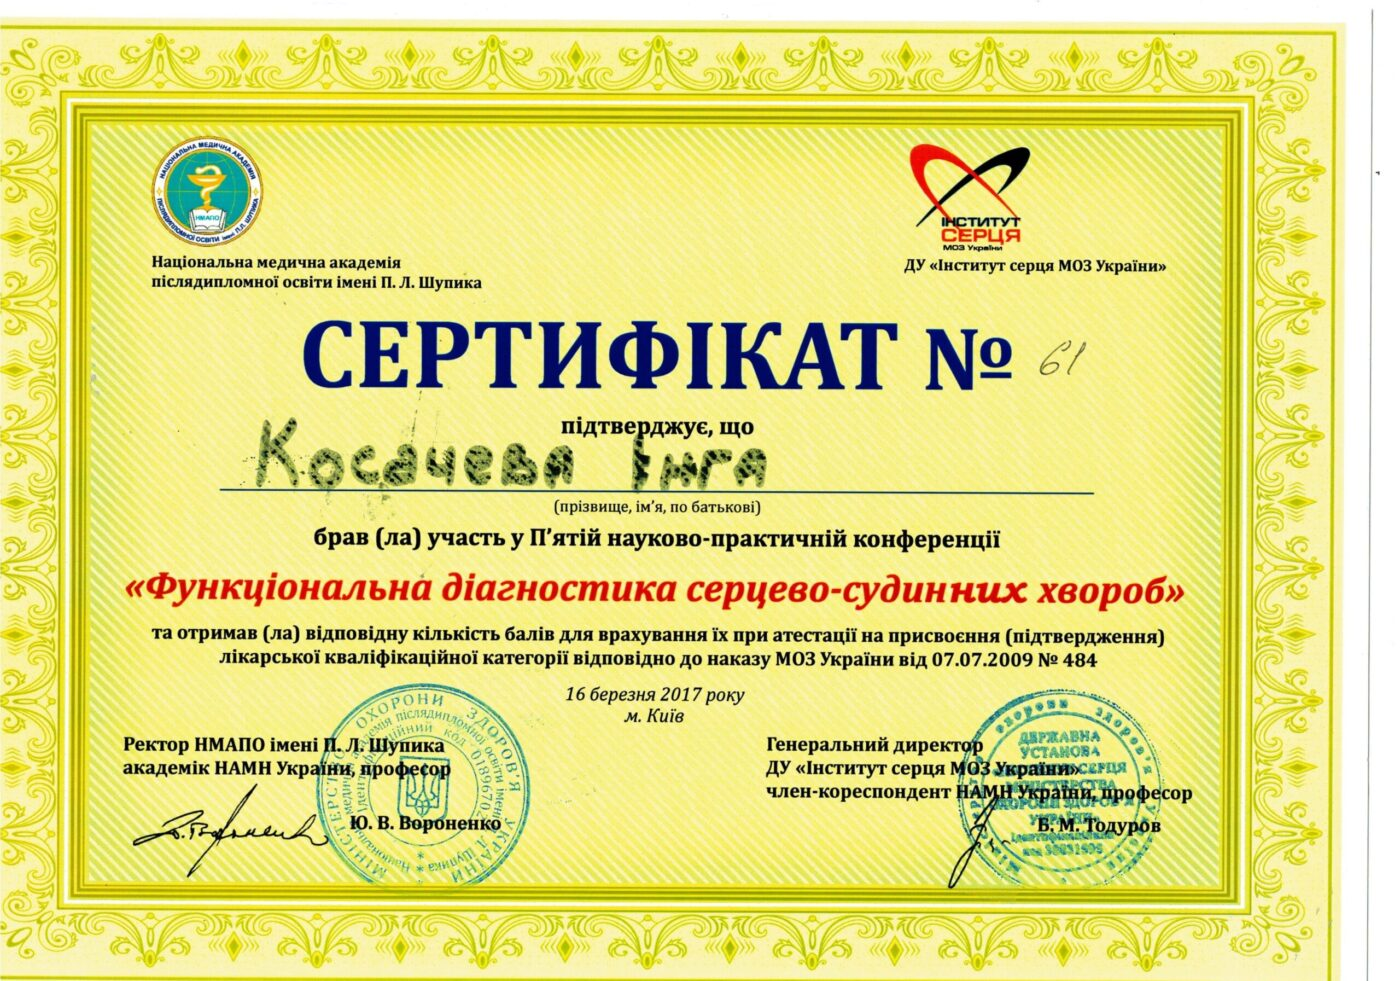 Сертификат подтверждающий участие Косачевой Инги в конференции - Функциональная диагностика сердечно-сосудистых болезней